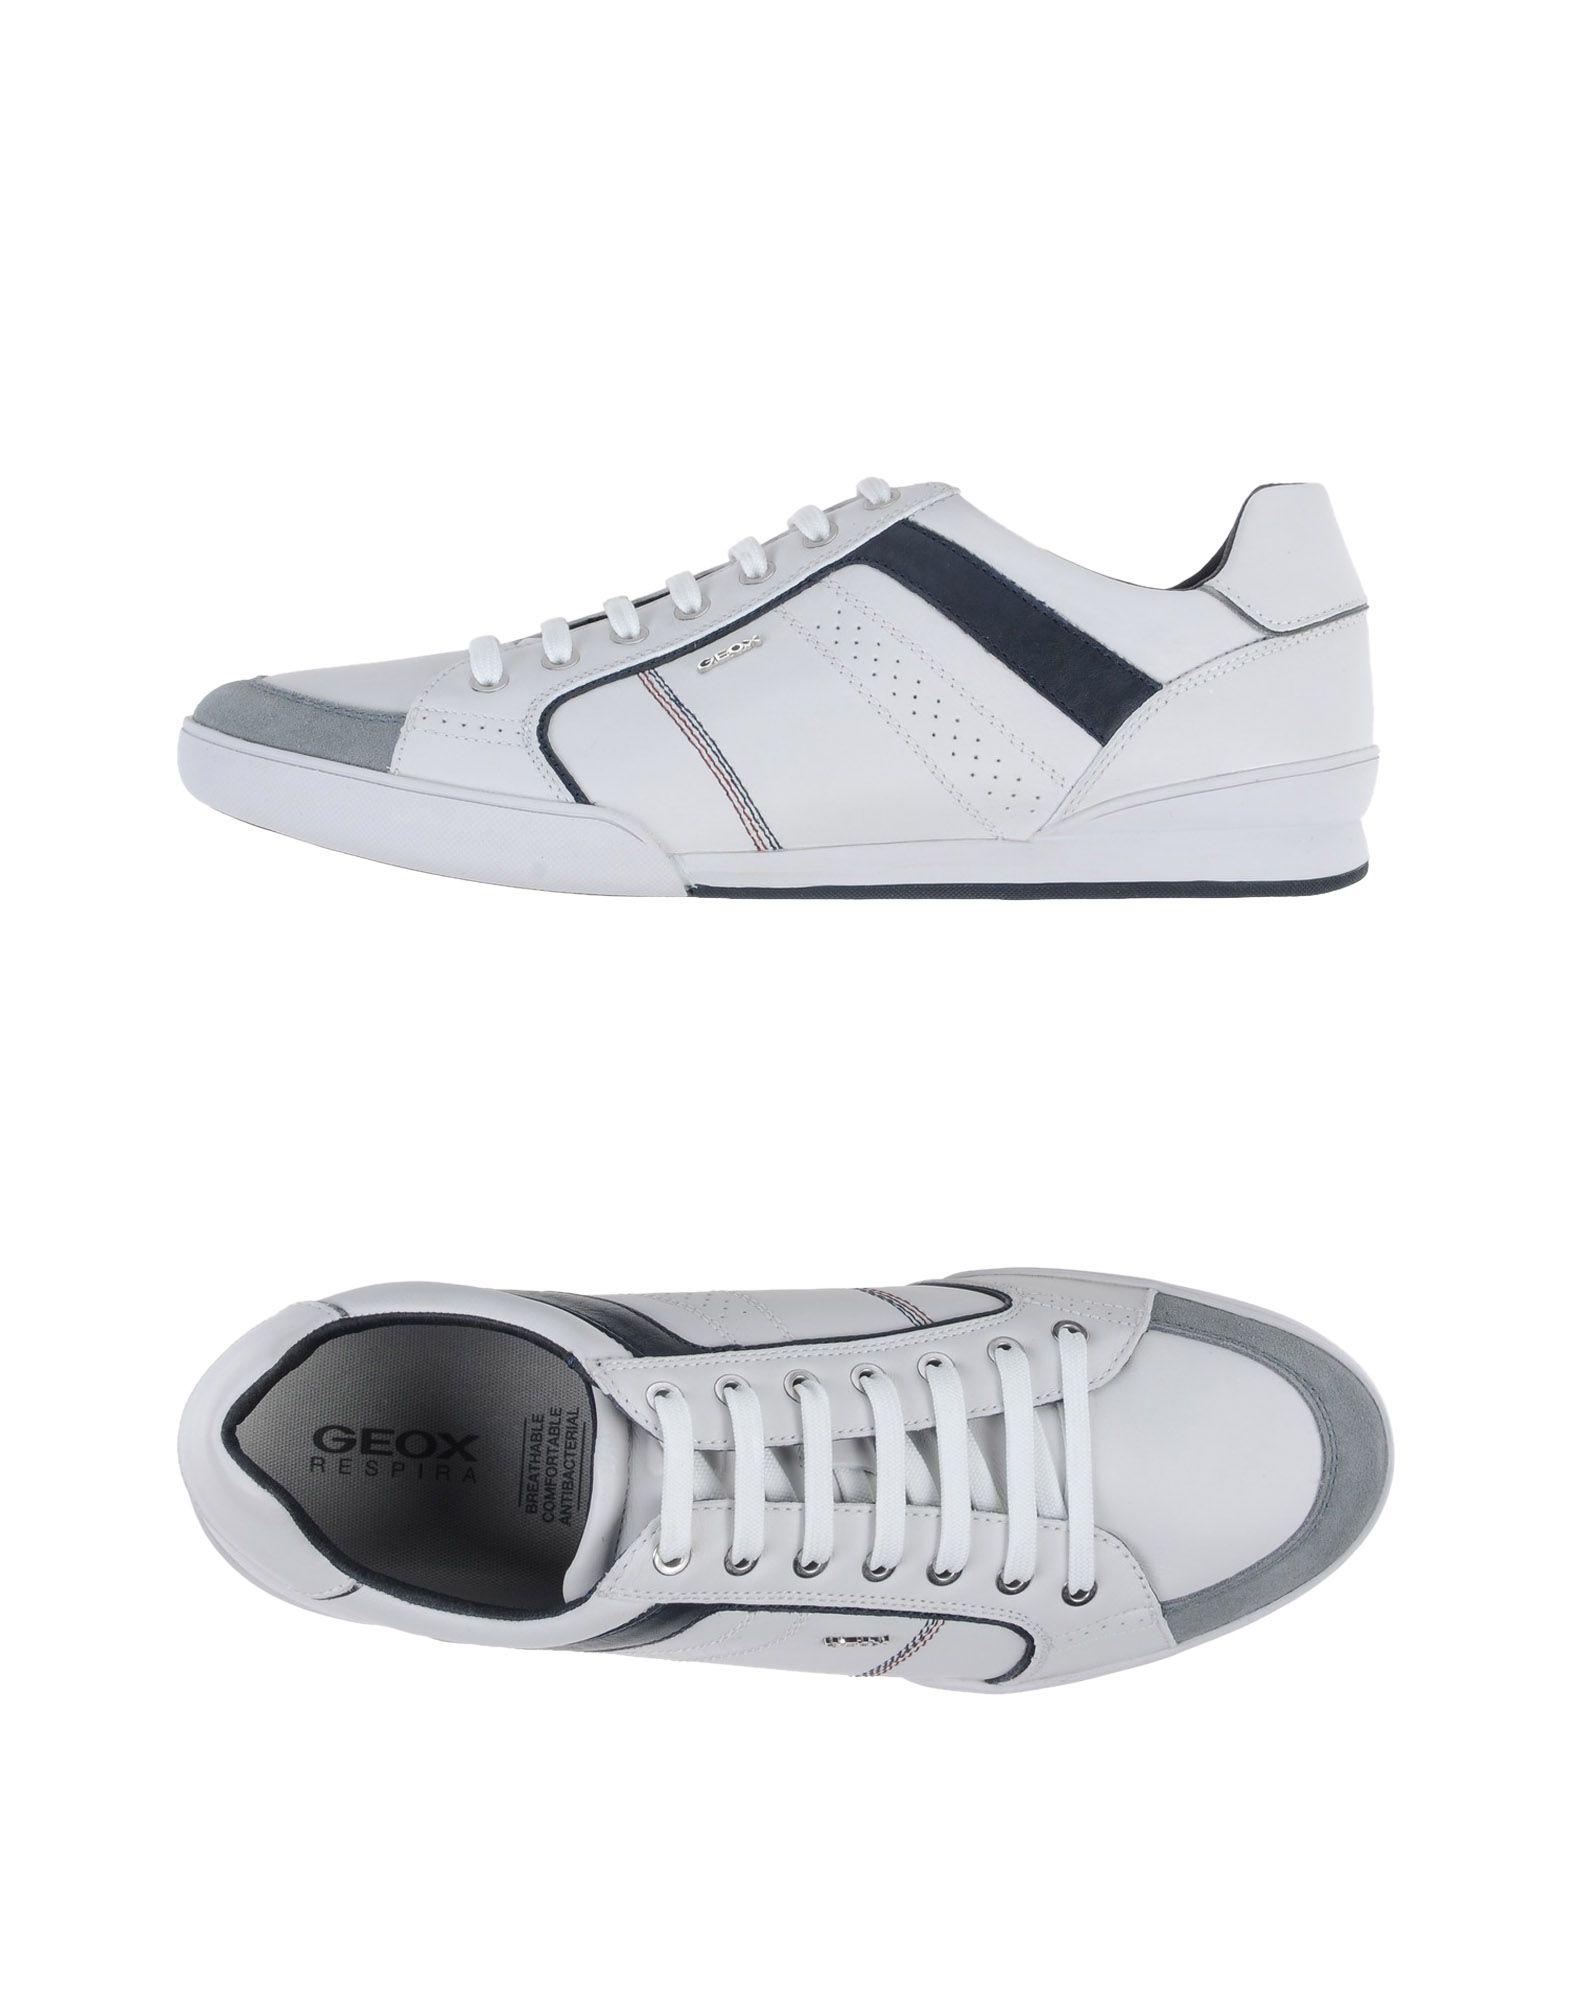 GEOX Herren Low Sneakers & Tennisschuhe Farbe Weiß Größe 9 jetztbilligerkaufen